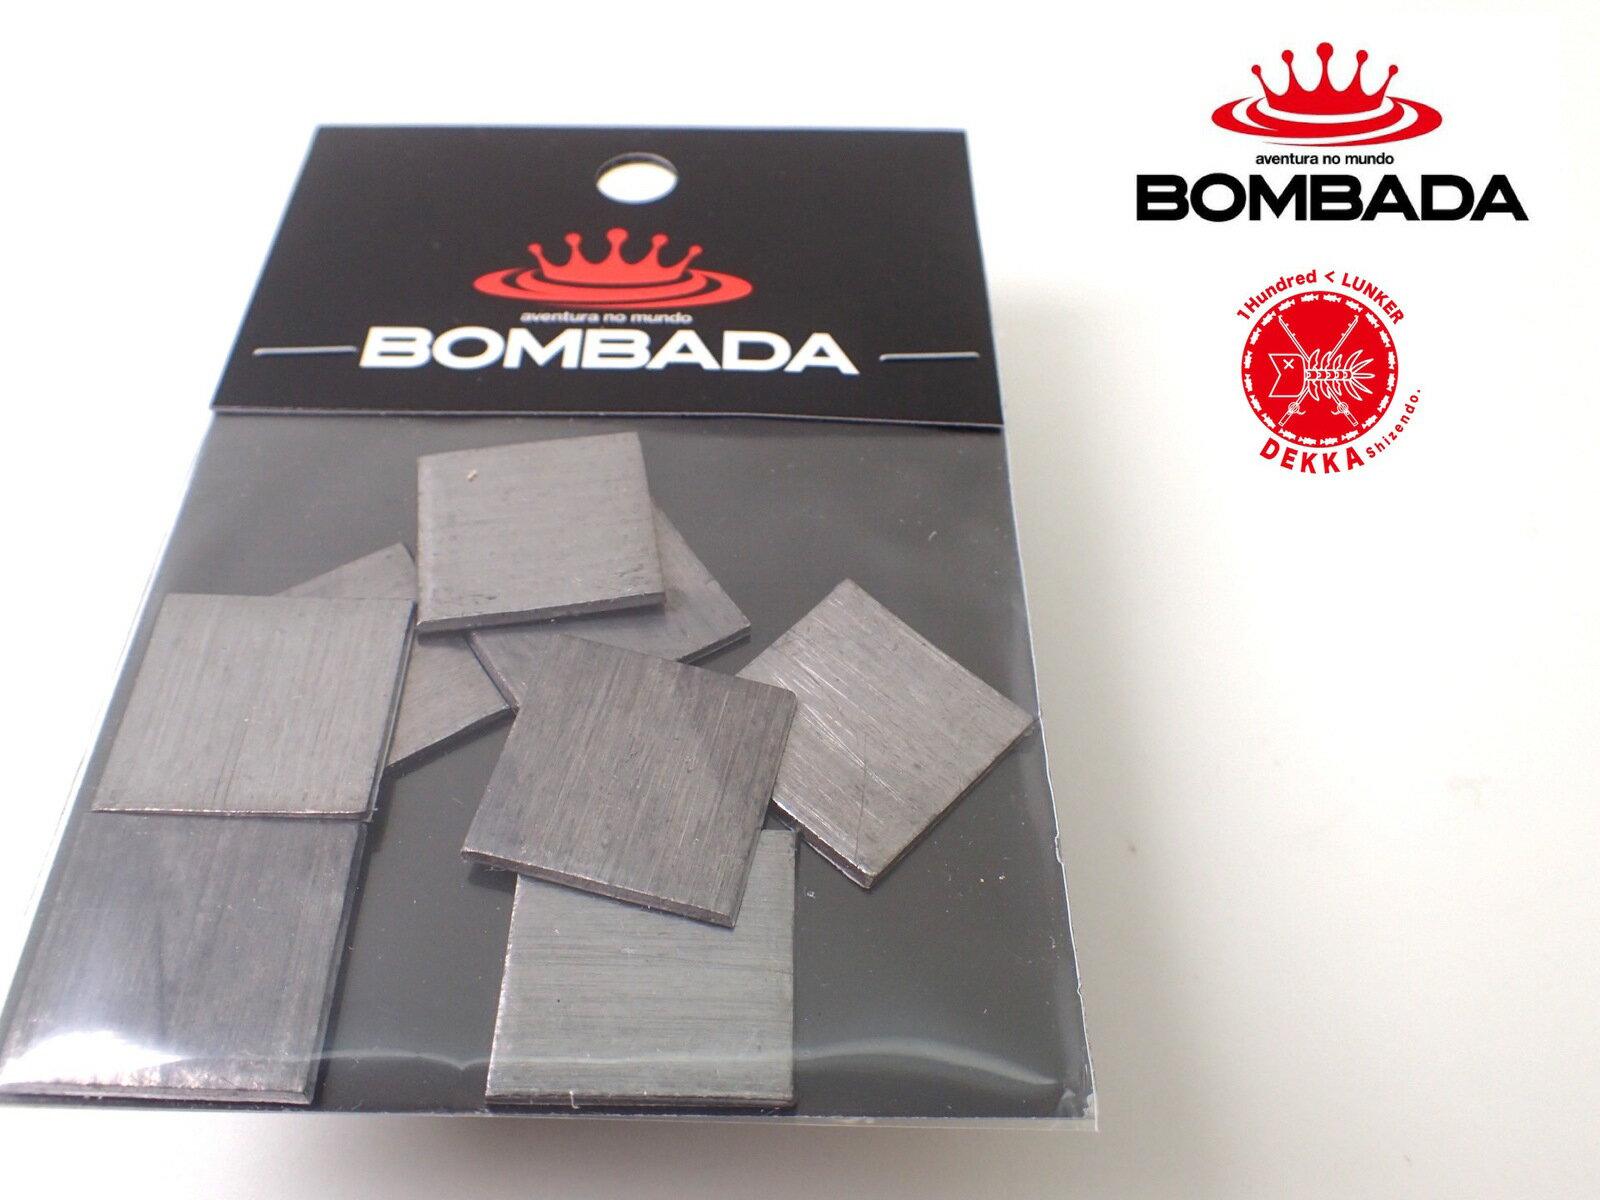 BOMBADA AGUA/ボンバダ アグア 【トビキチ オプションパーツ/Square Wait 4g/スクウェア ウエイト 4g】(代引き不可商品)